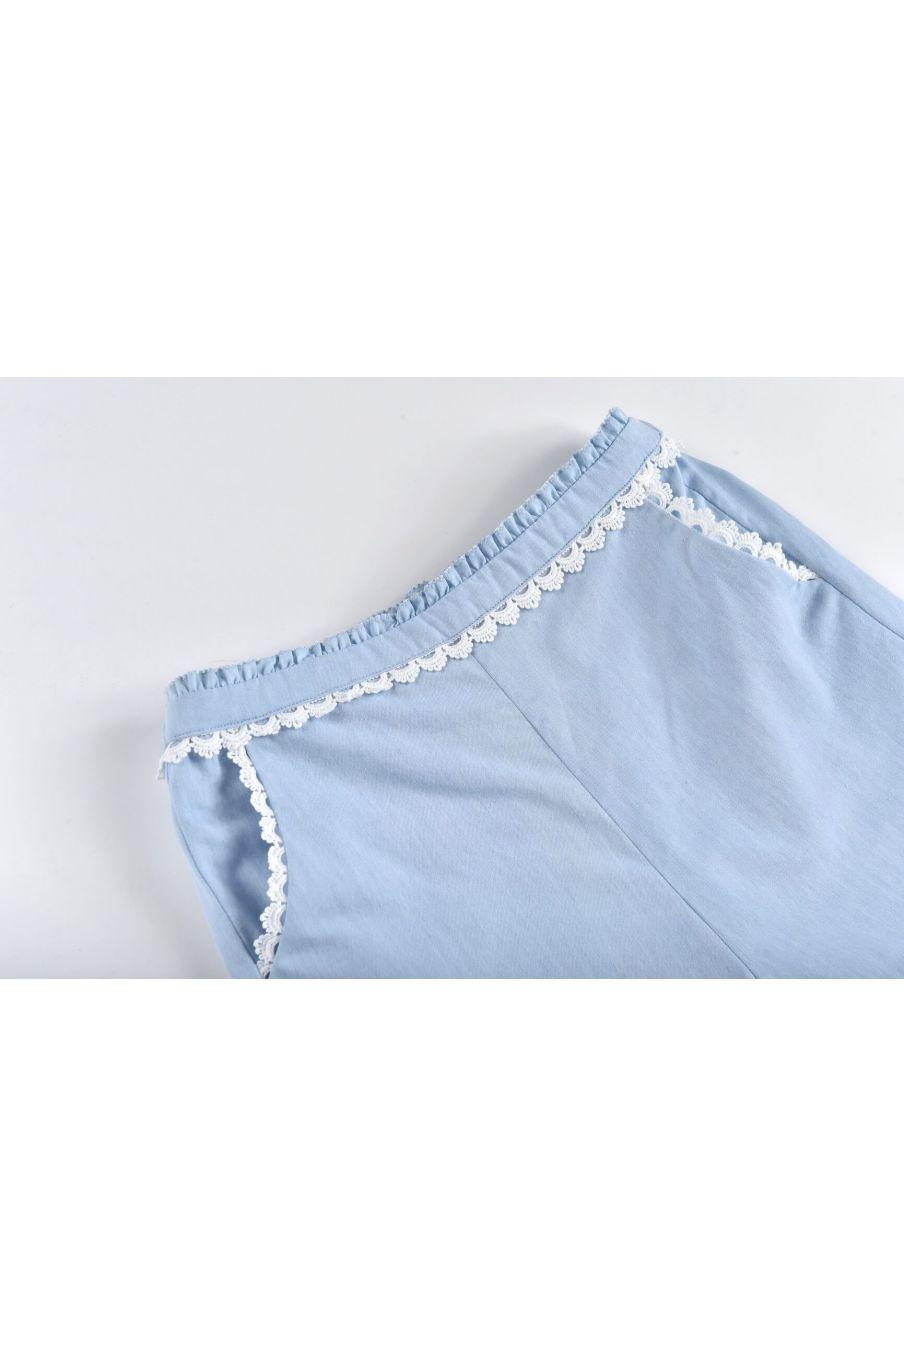 boheme chic vintage pantalon fille solena chambray